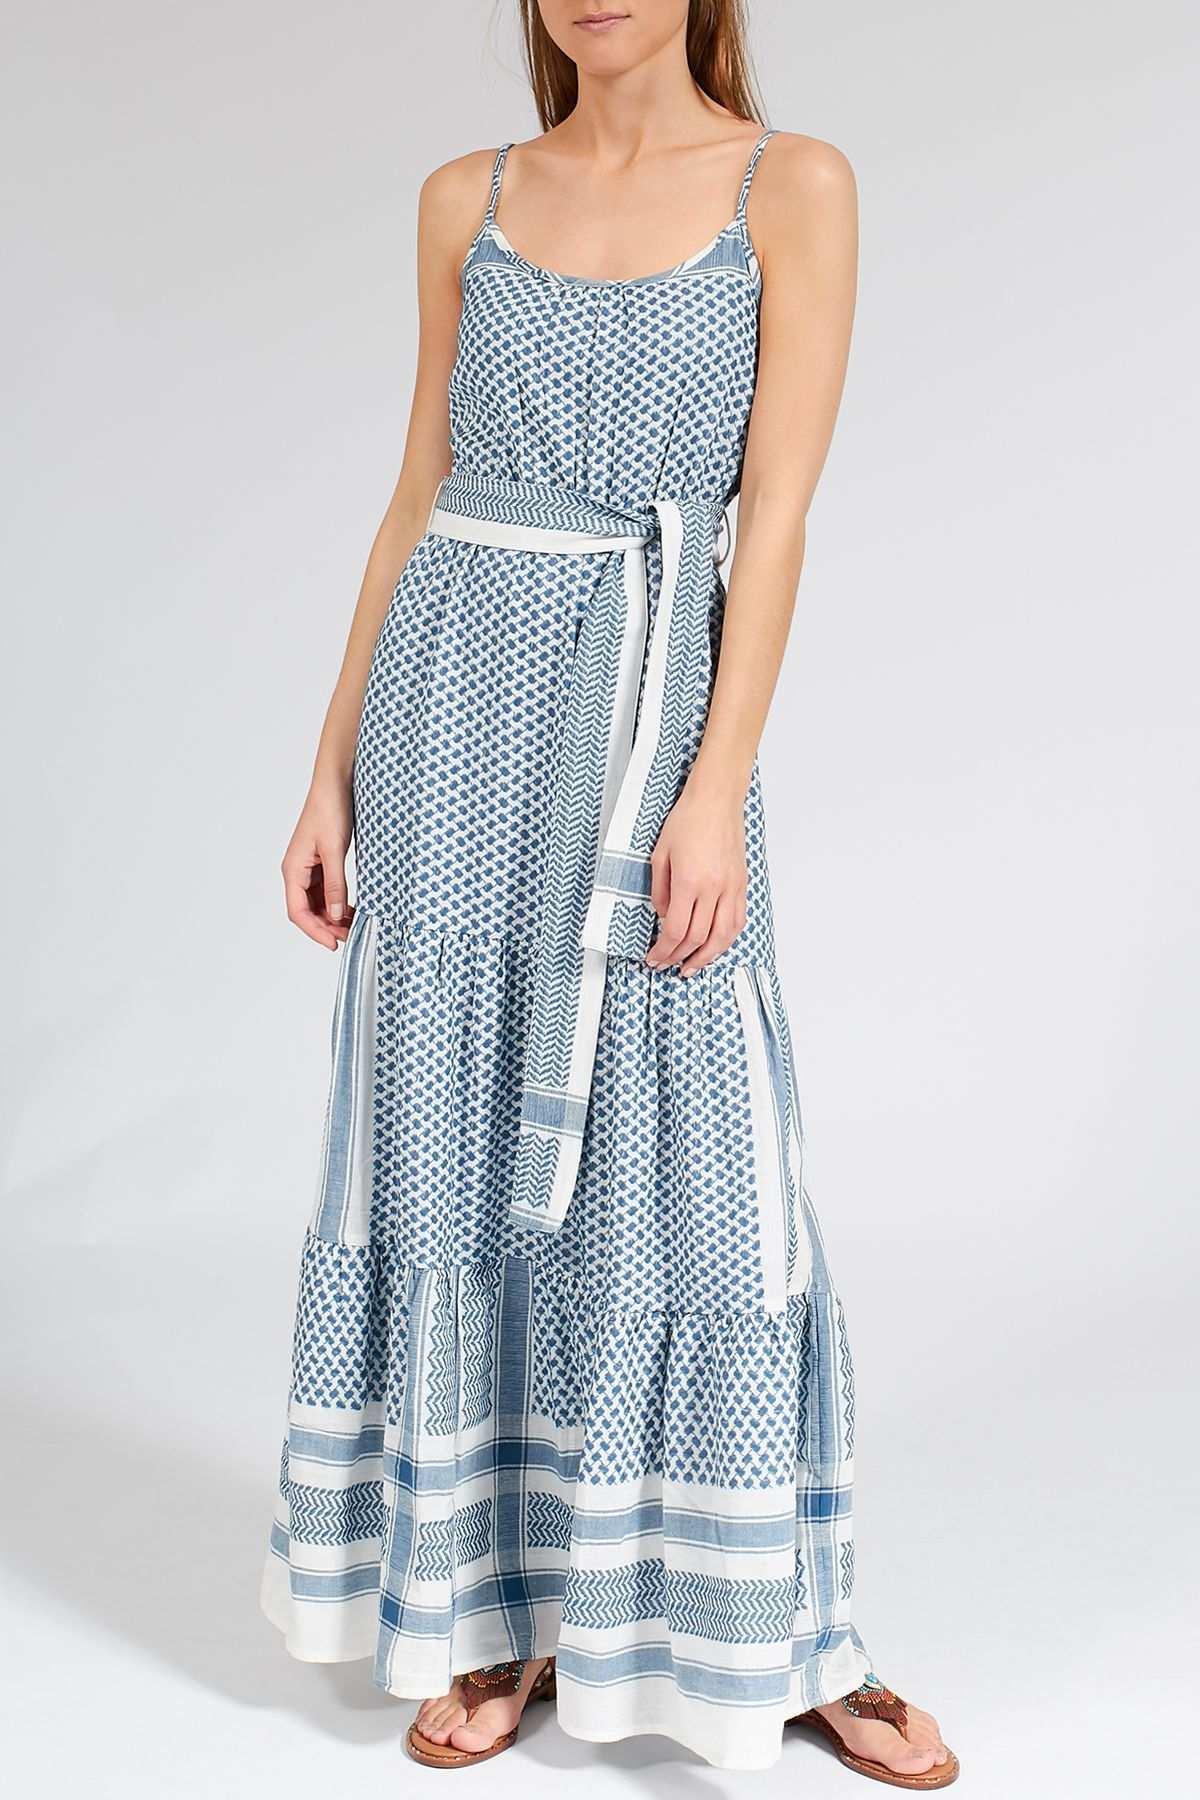 Maxi Kleid Rosa Mit Kufiya Muster Kleider Maxi Kleider Kufiya